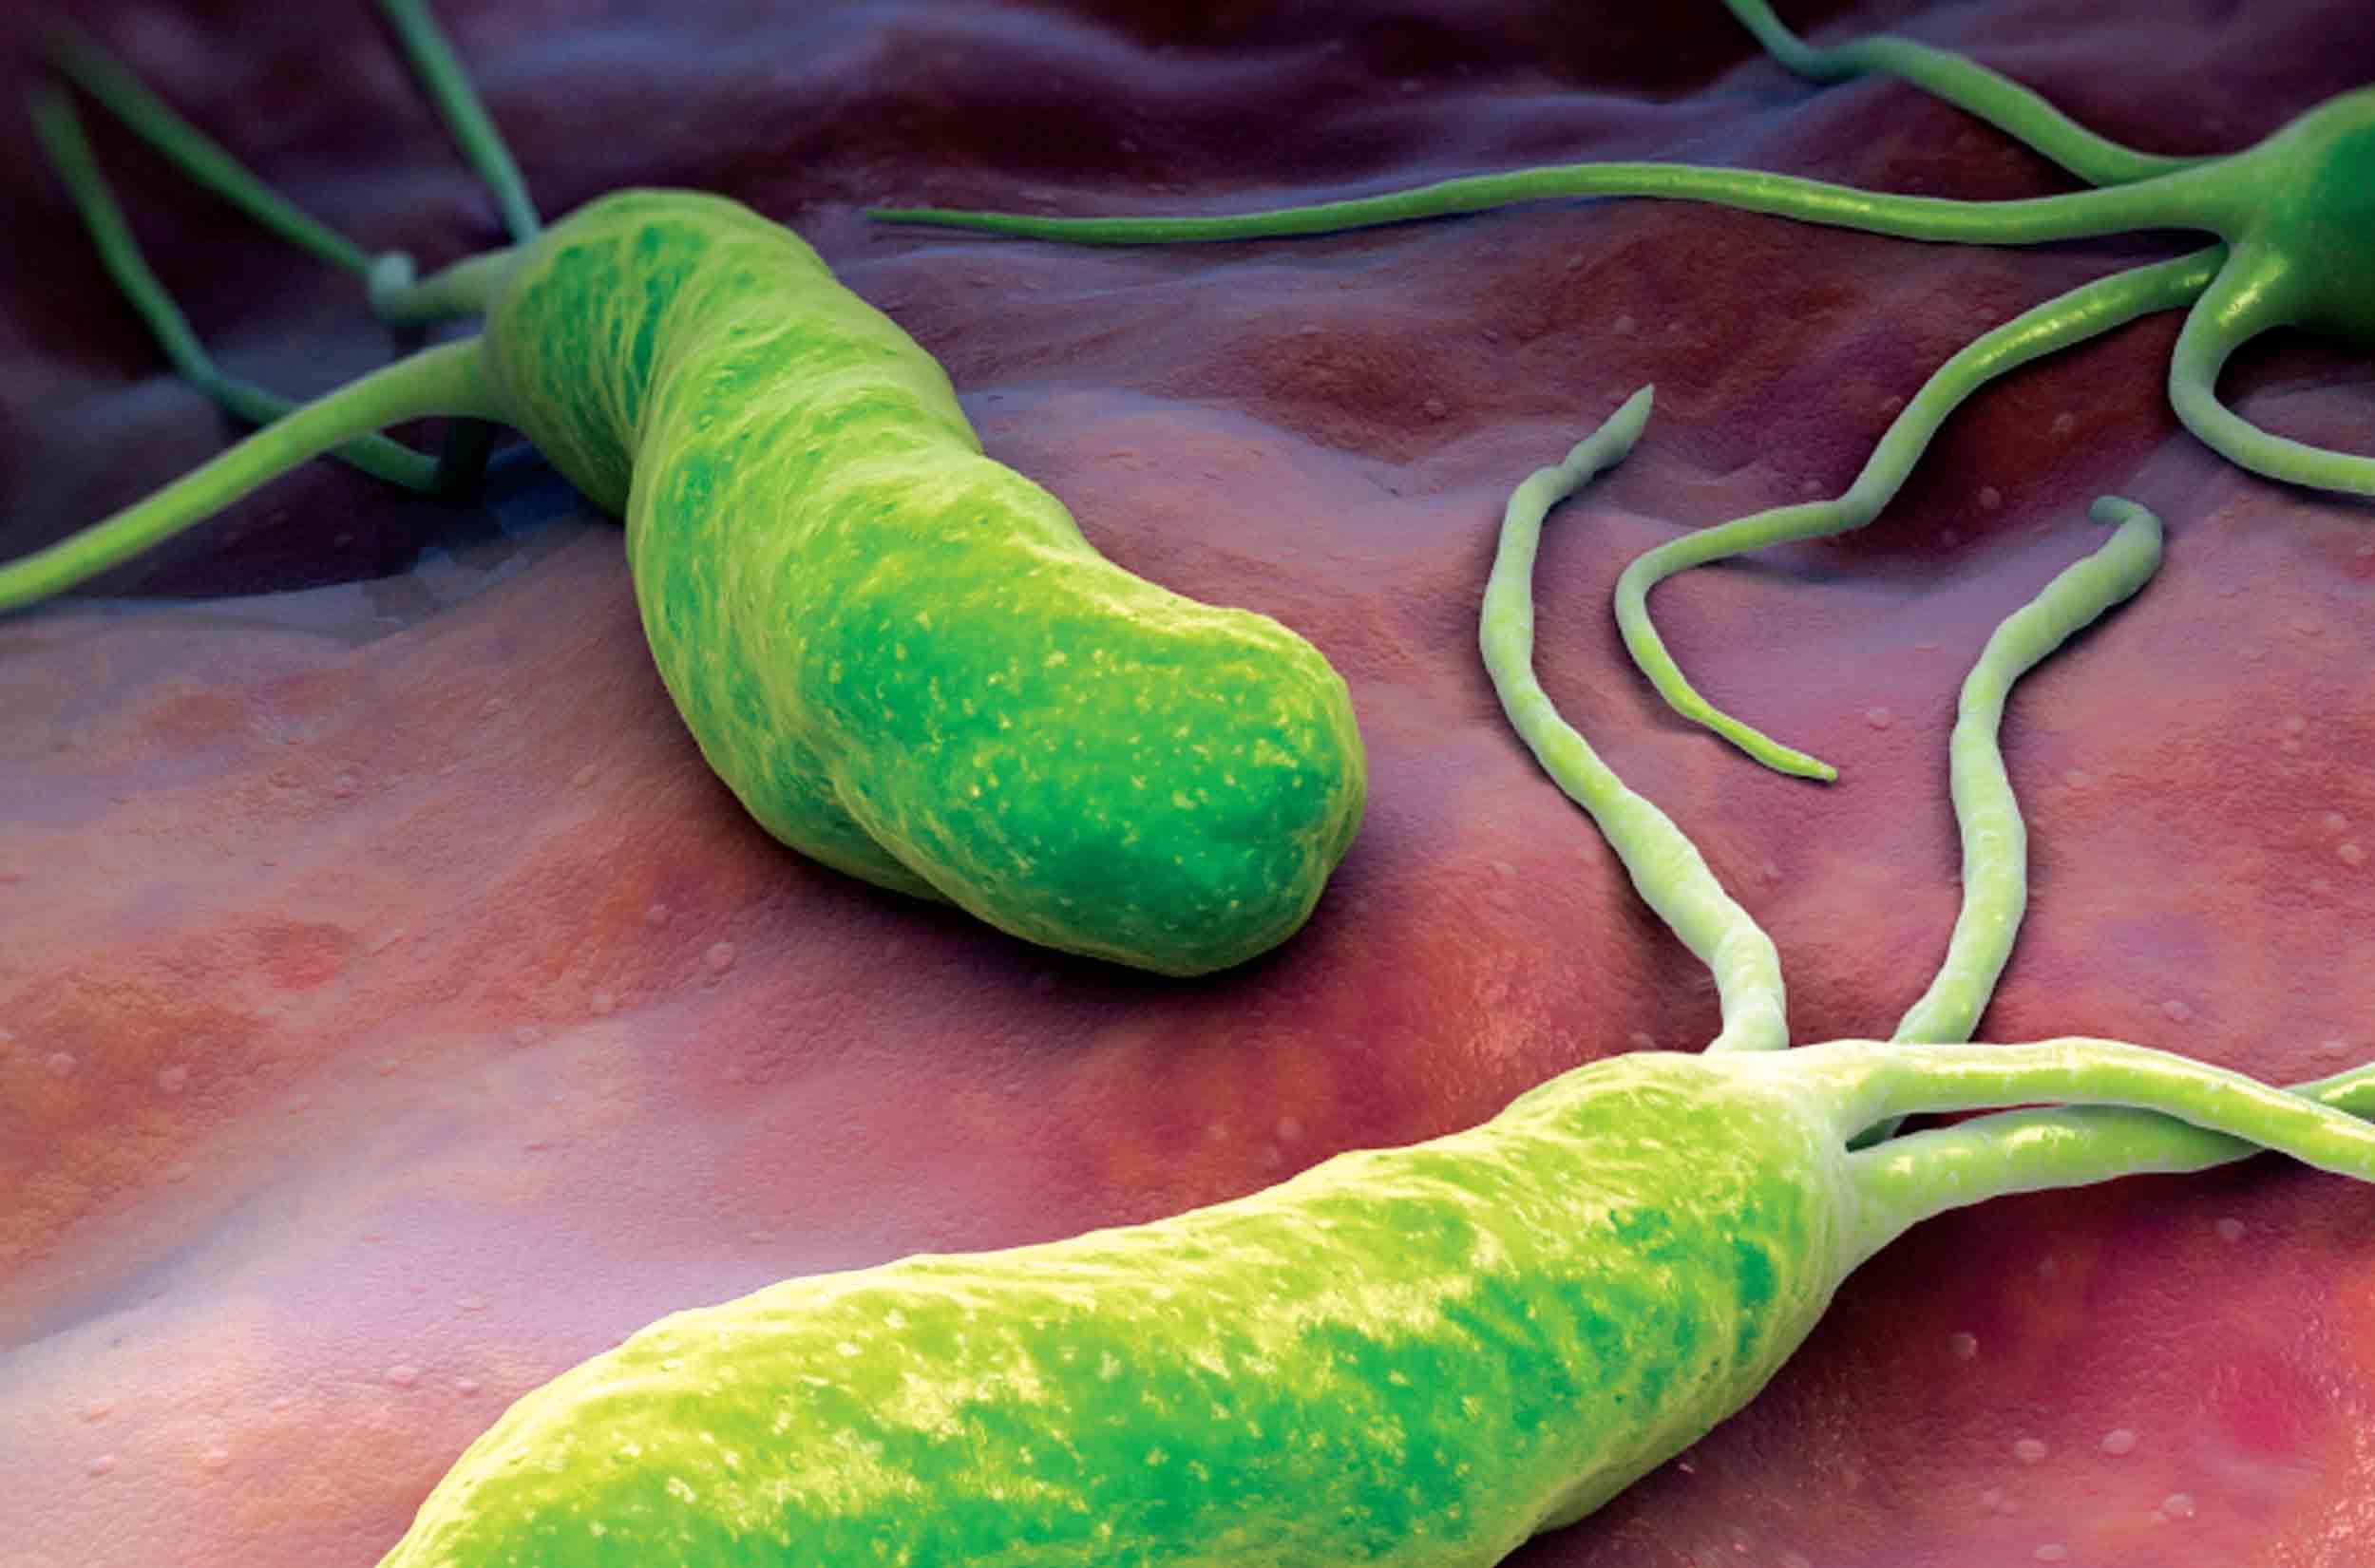 Viêm hang vị, dạ dày: Muốn tránh ung thư phải diệt vi khuẩn HP đúng cách - 2